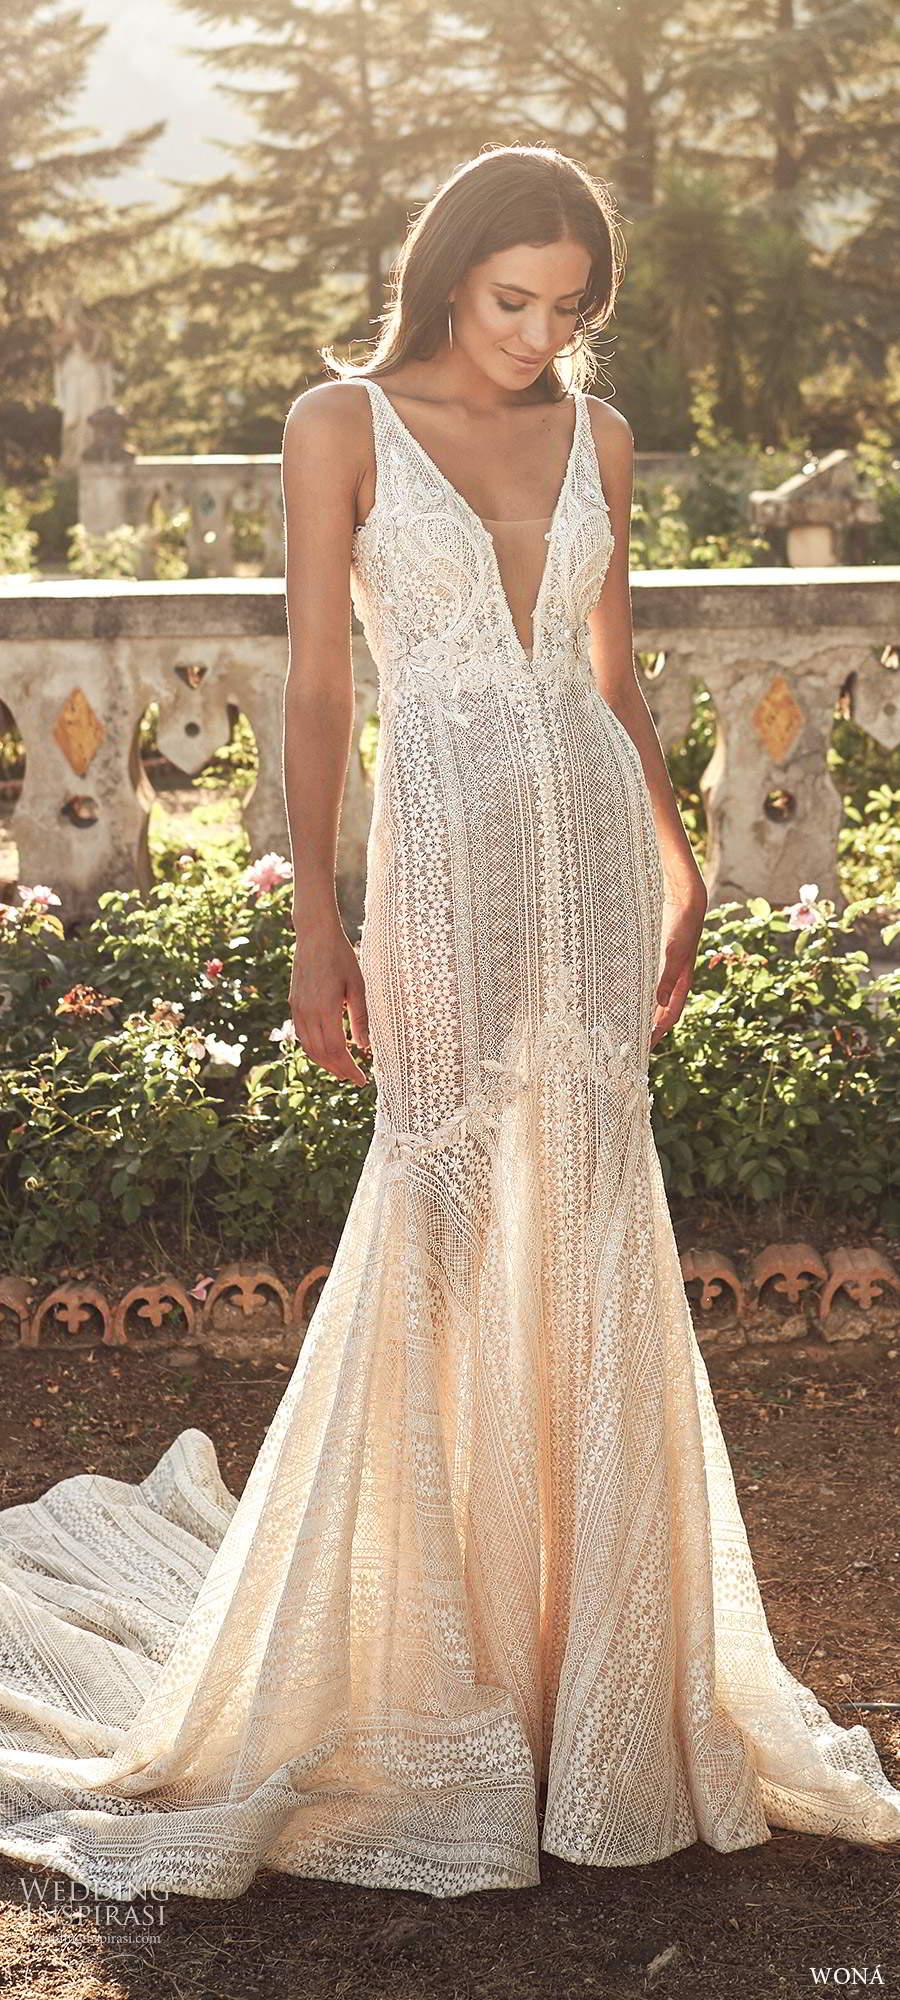 wona fall 2020 bridal sleeveless straps plunging v neckline fully embellished lace fit flare mermaid wedding dress v back chapel train (15) mv